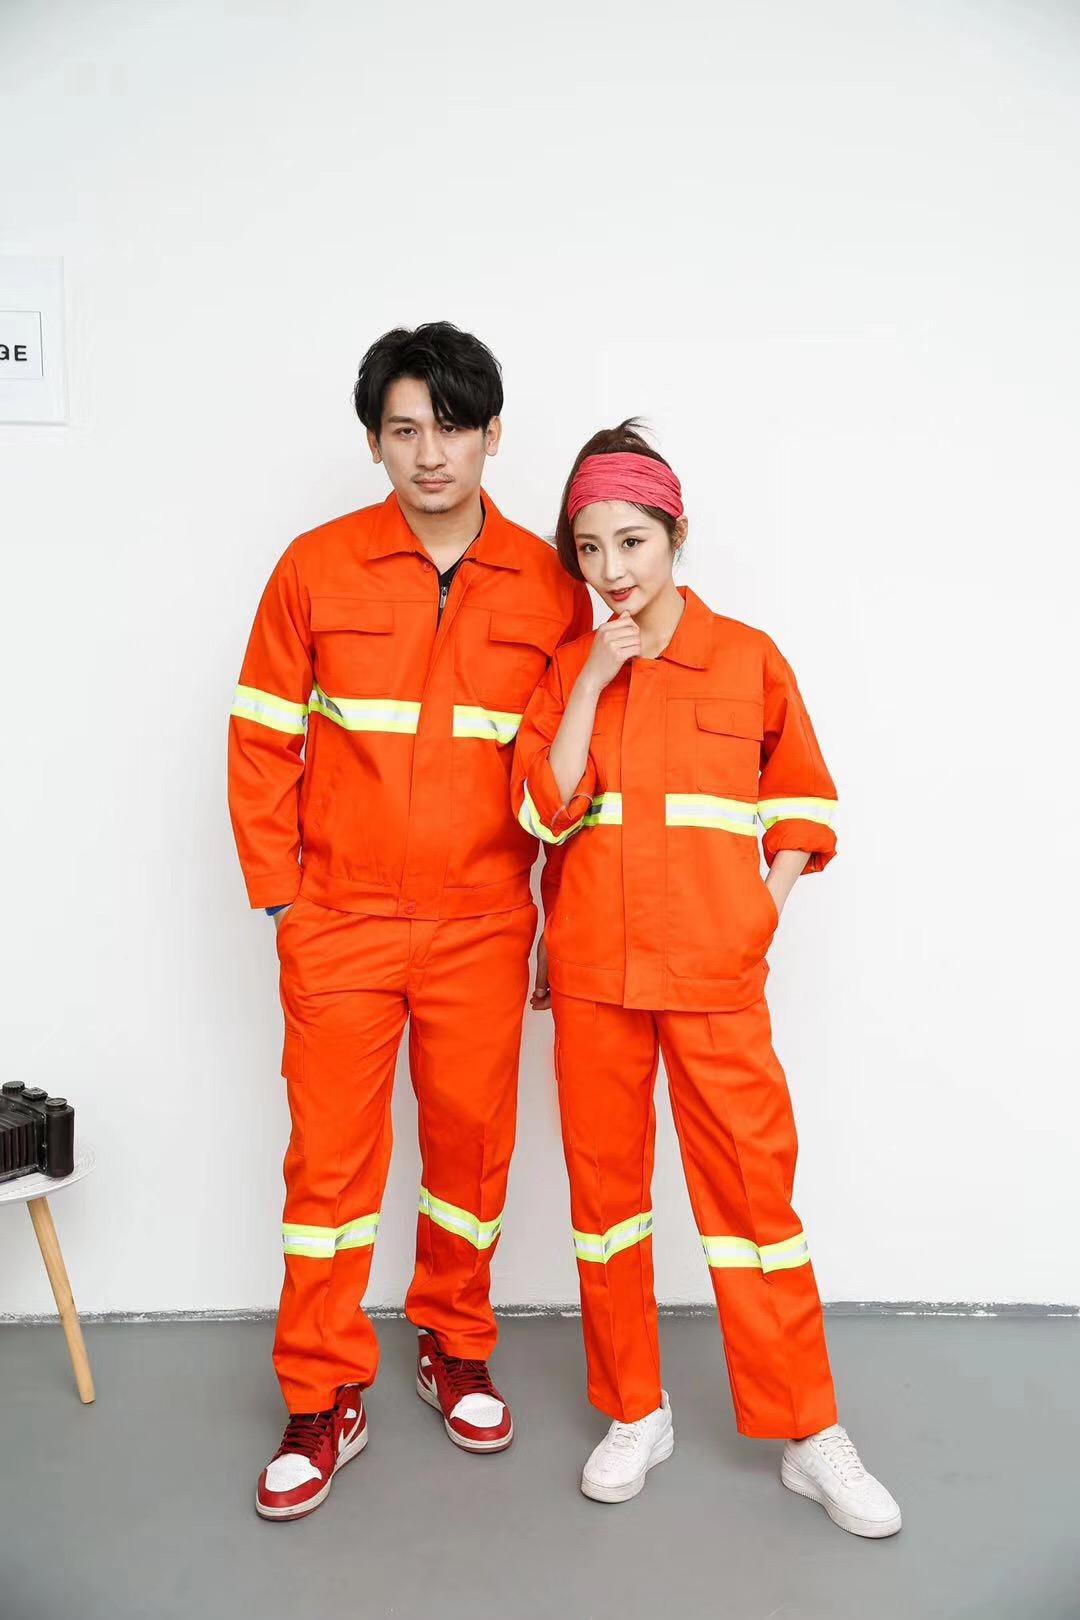 http://www.ahxinwen.com.cn/caijingzhinan/159069.html